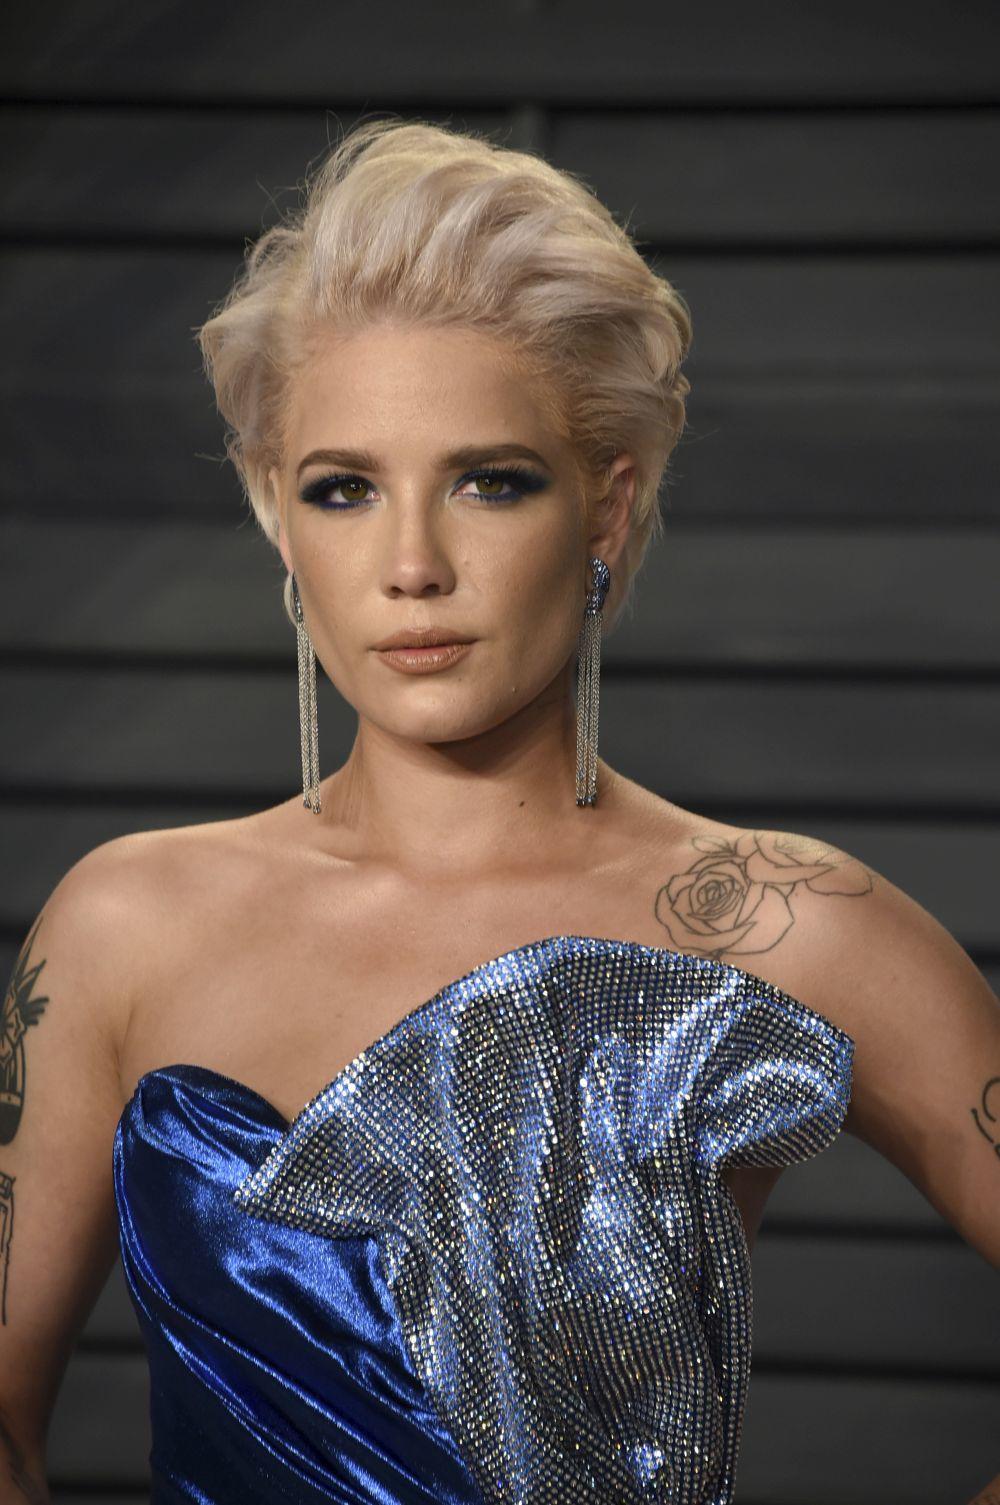 La Cantante Halsey Llegó A La Post Fiesta Con Un Vestido Azul